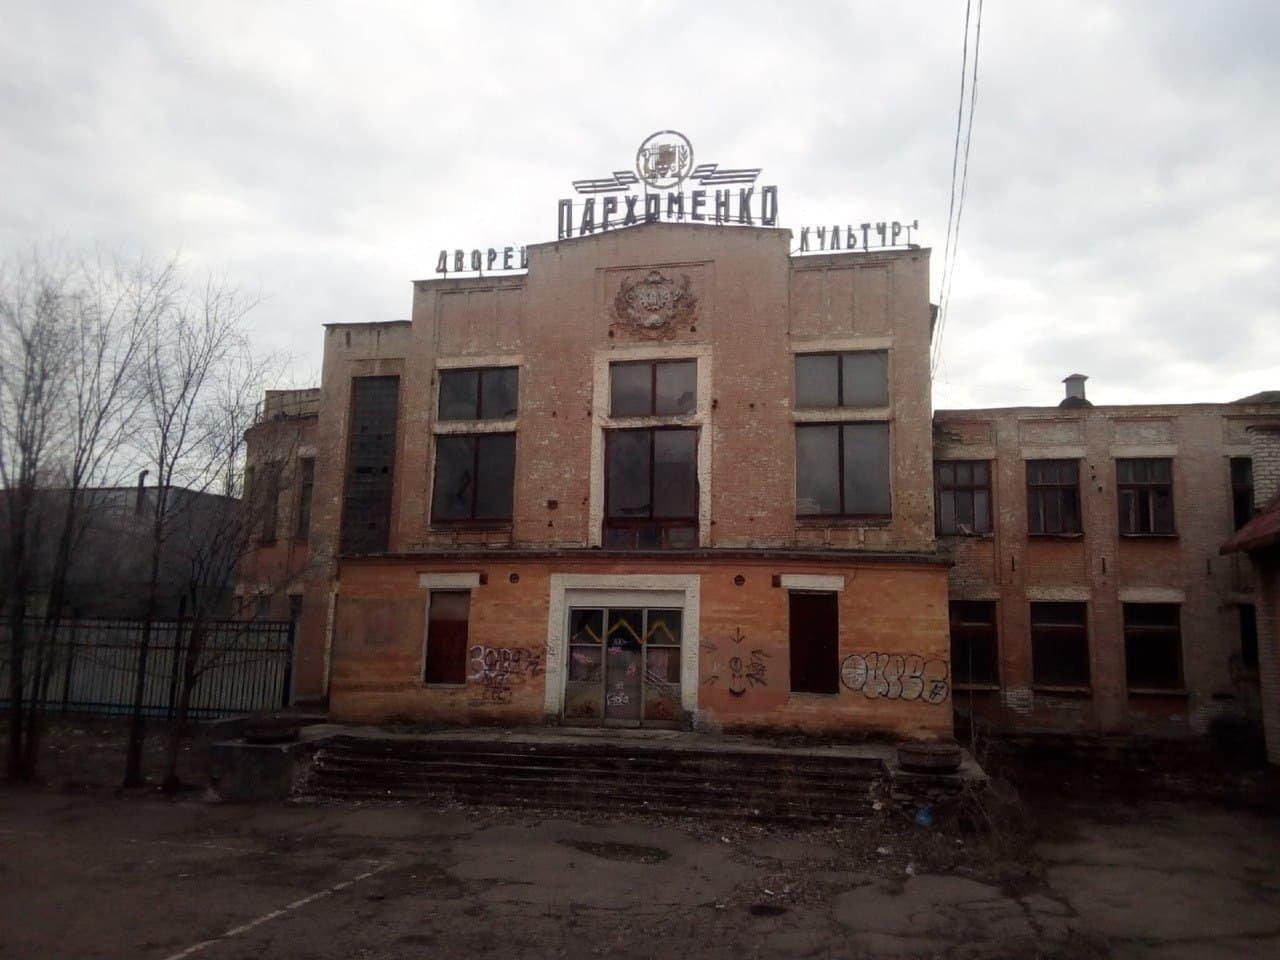 Банально распилили: что осталось от машзавода в оккупированном Луганске, - ФОТО, фото-1